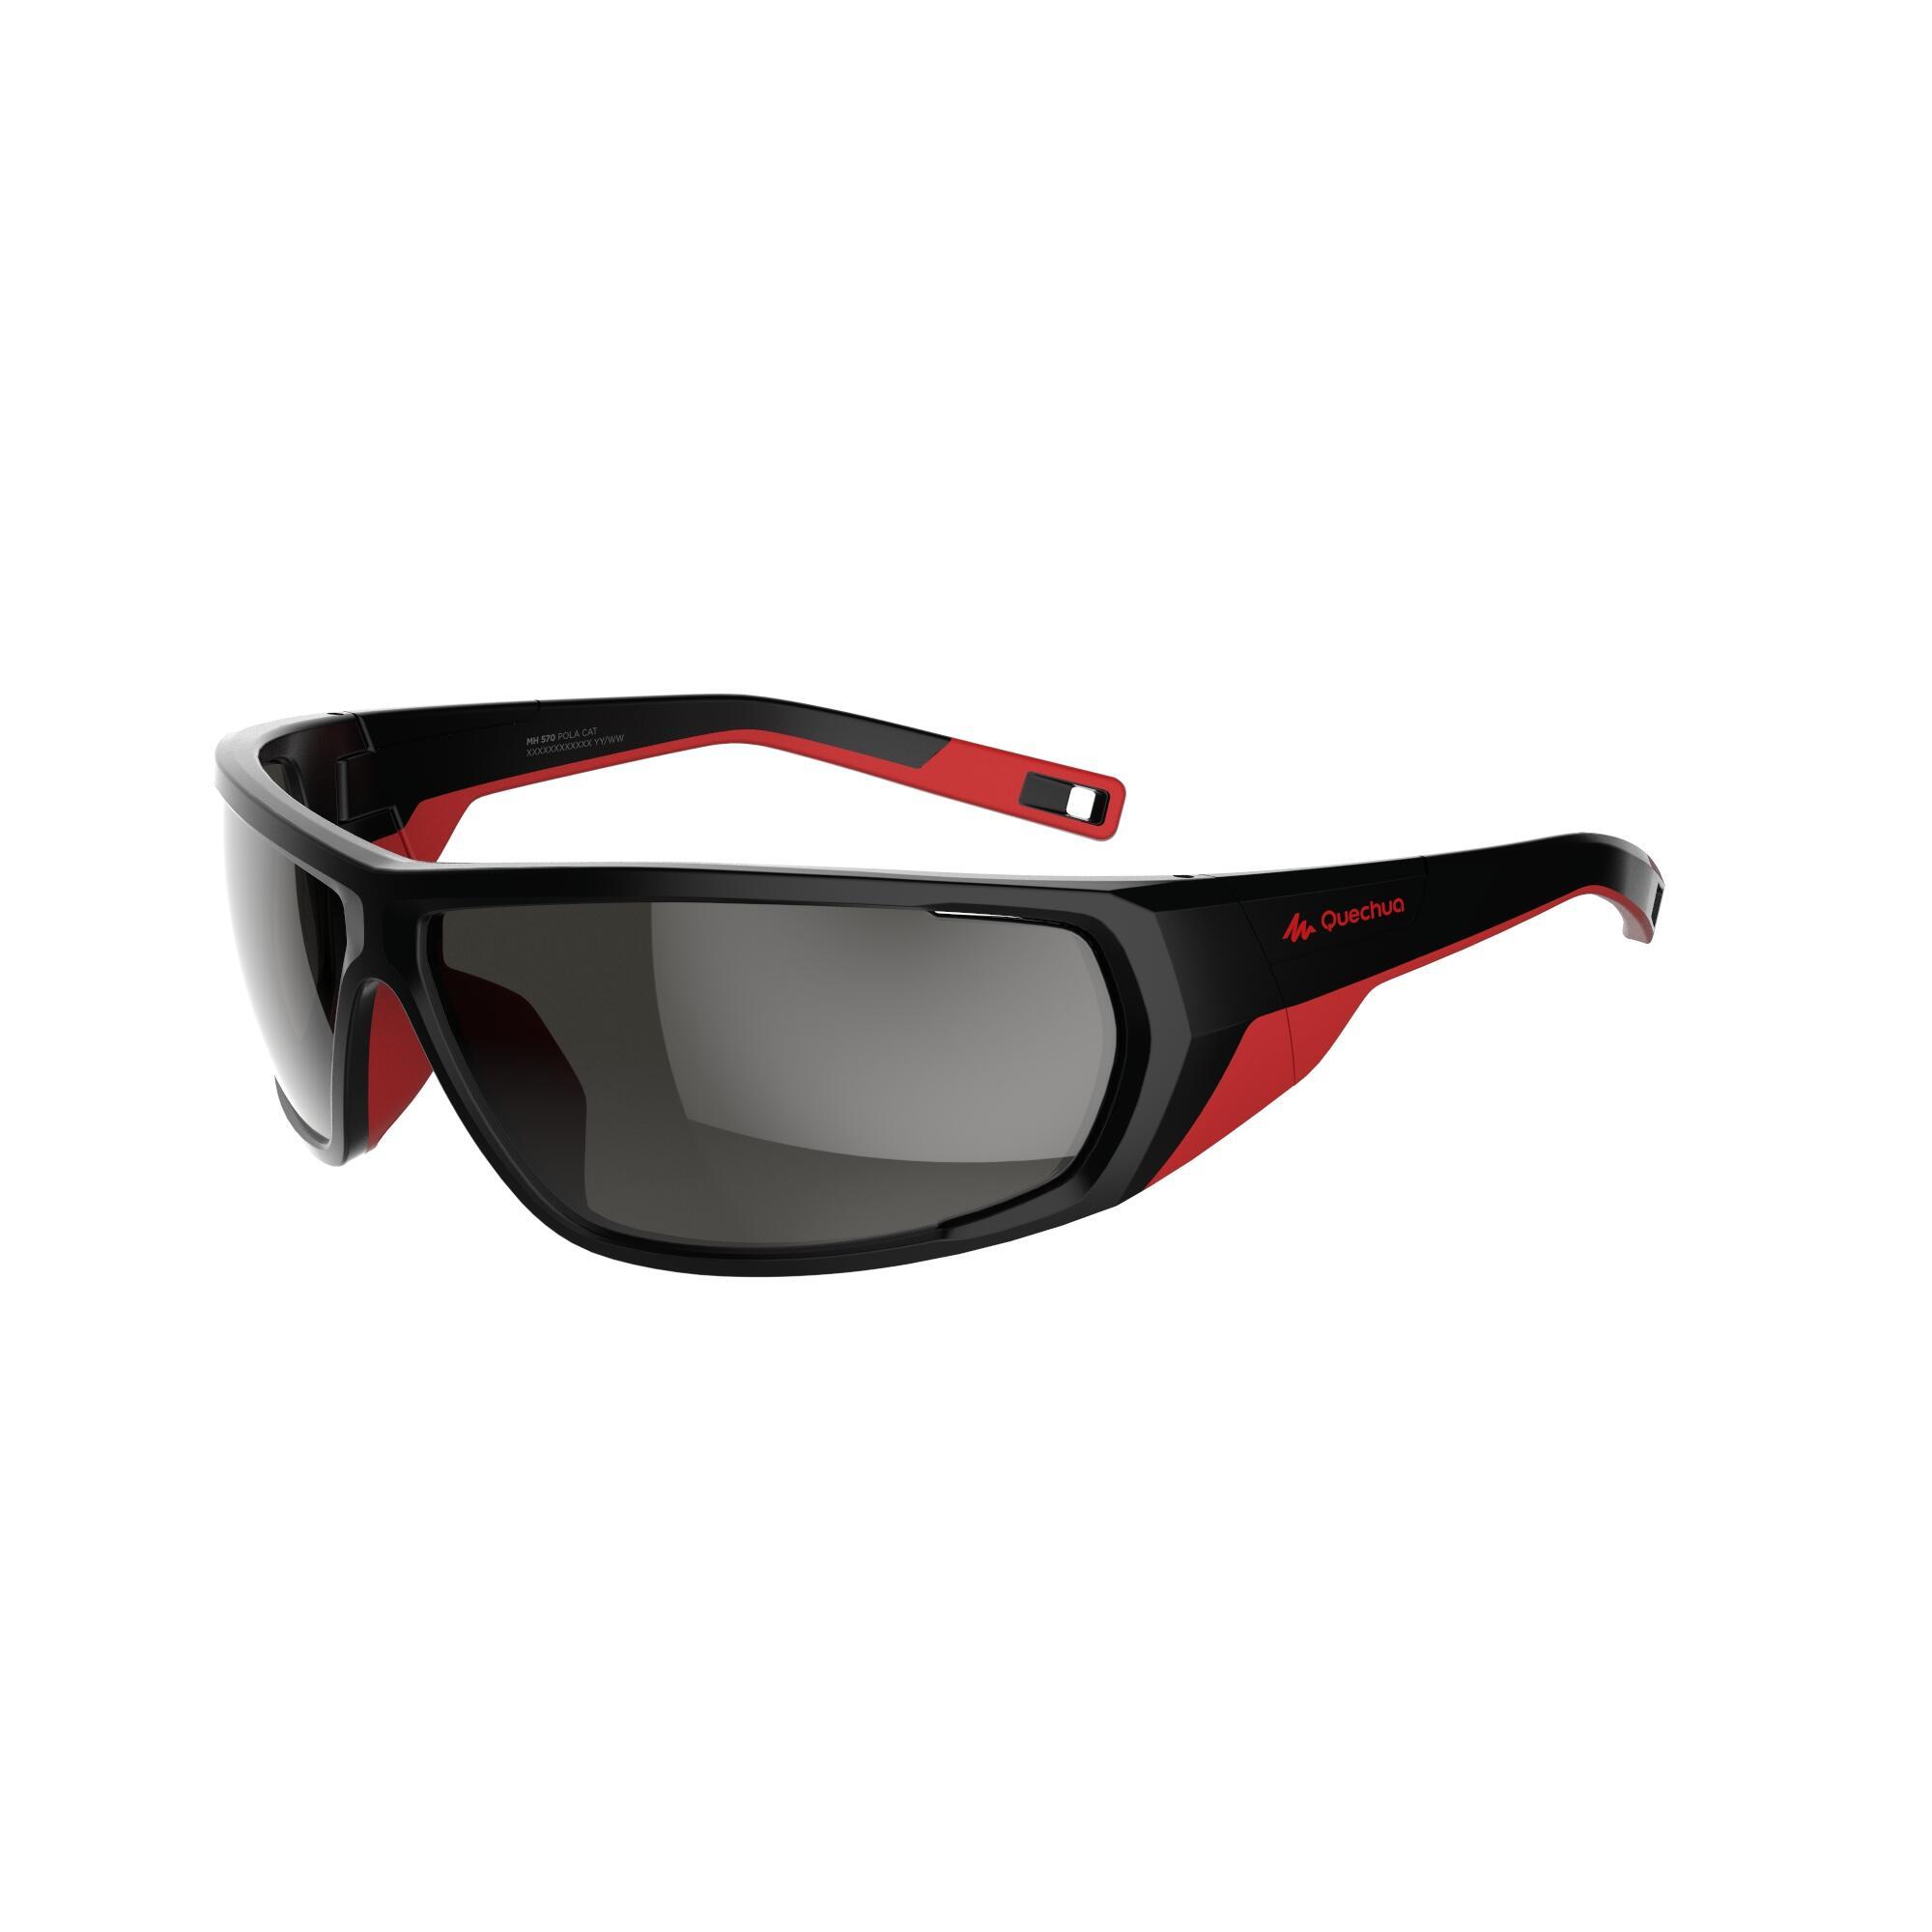 Quechua Wandelzonnebril MH570 zwart/rood polariserend categorie 4 kopen? Sport>Sportbrillen>Zonnebrillen met voordeel vind je hier